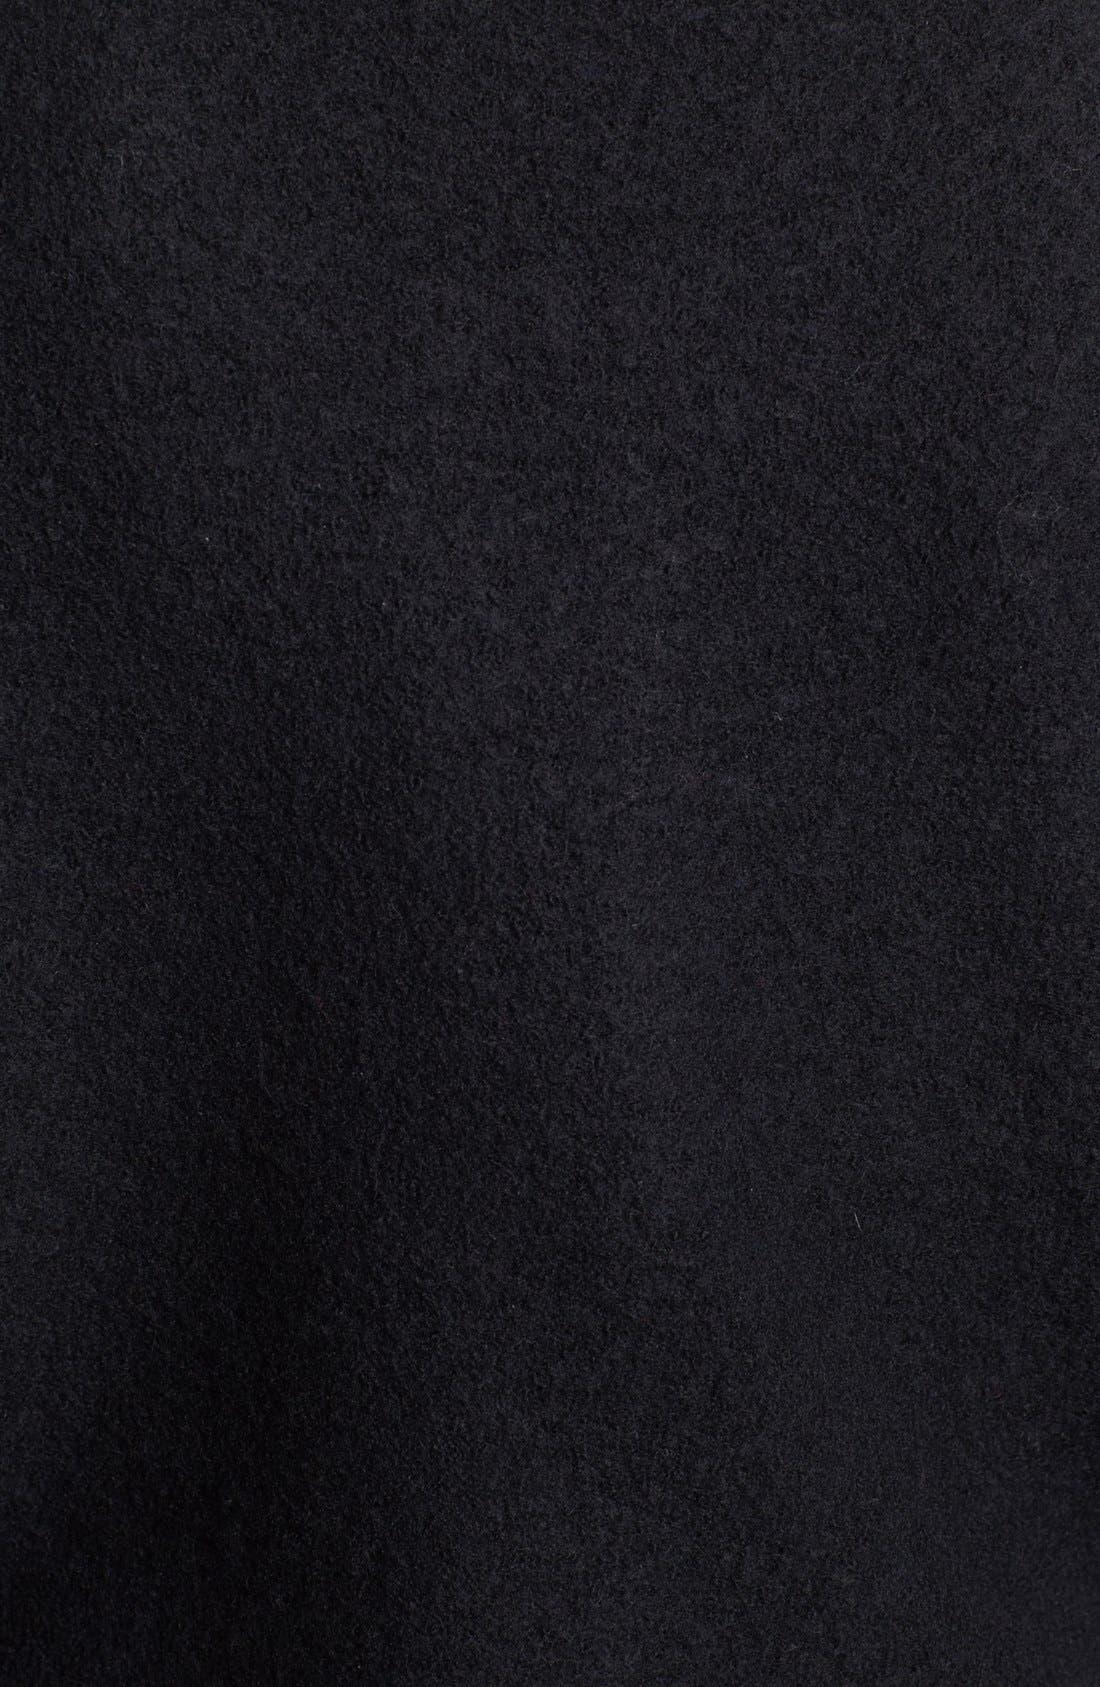 Alternate Image 3  - Diane von Furstenberg Embellished Front Zip Wool Sweater